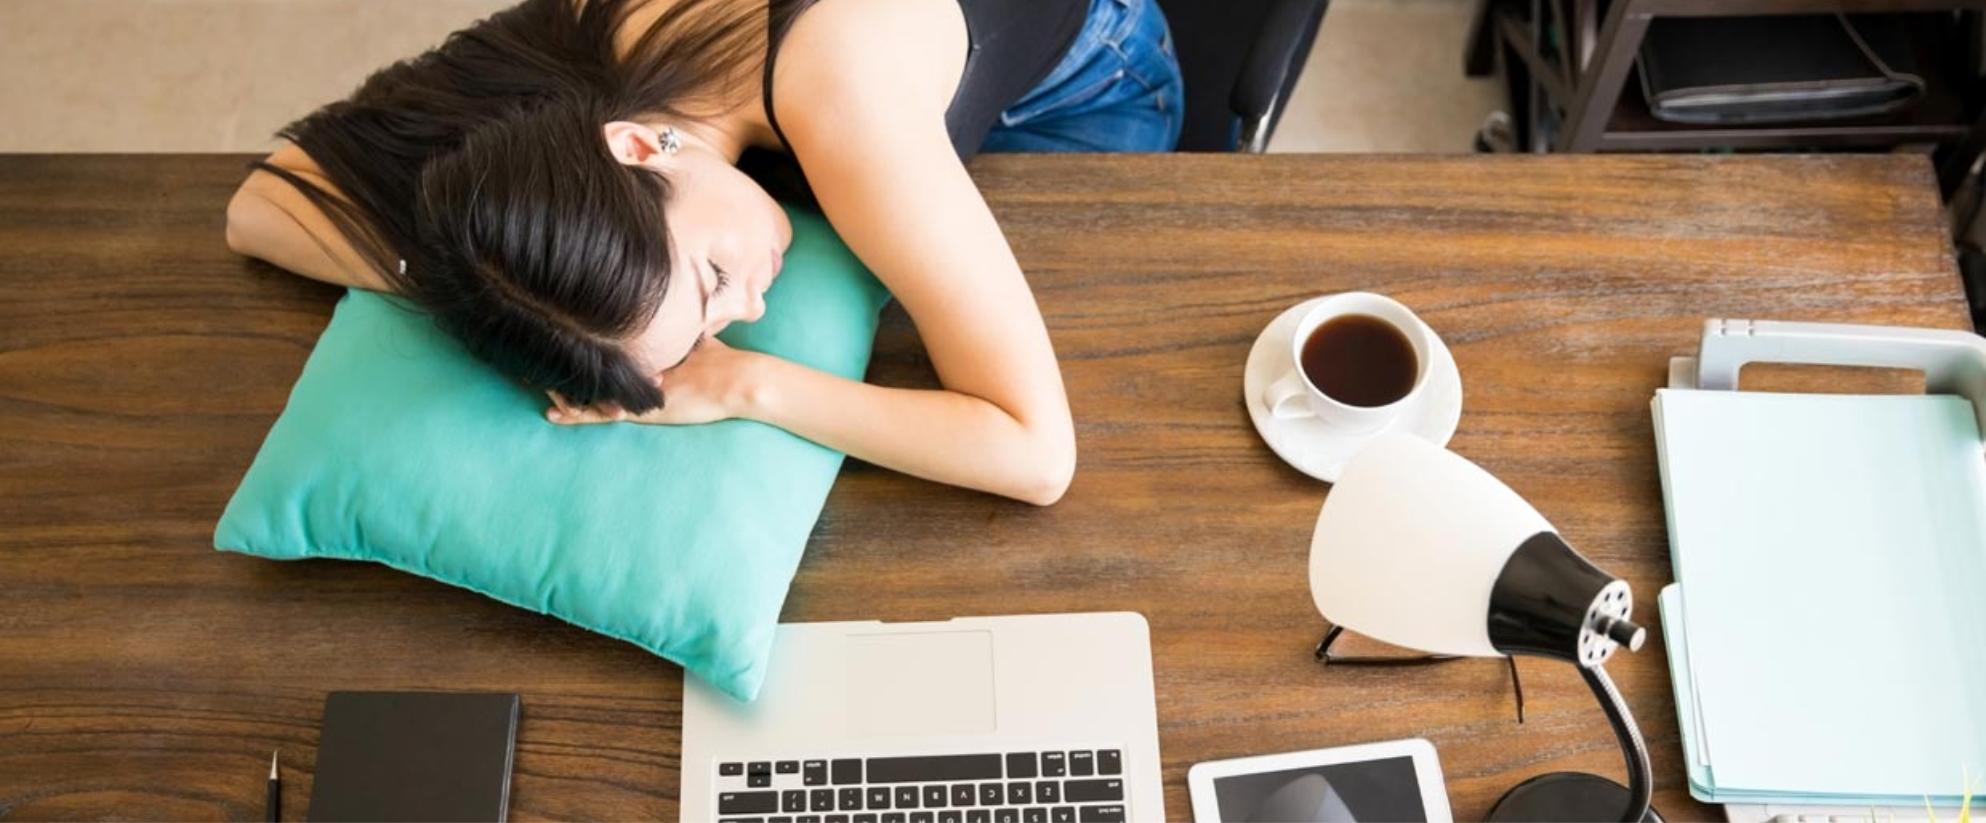 la importancia de un descanso adecuado